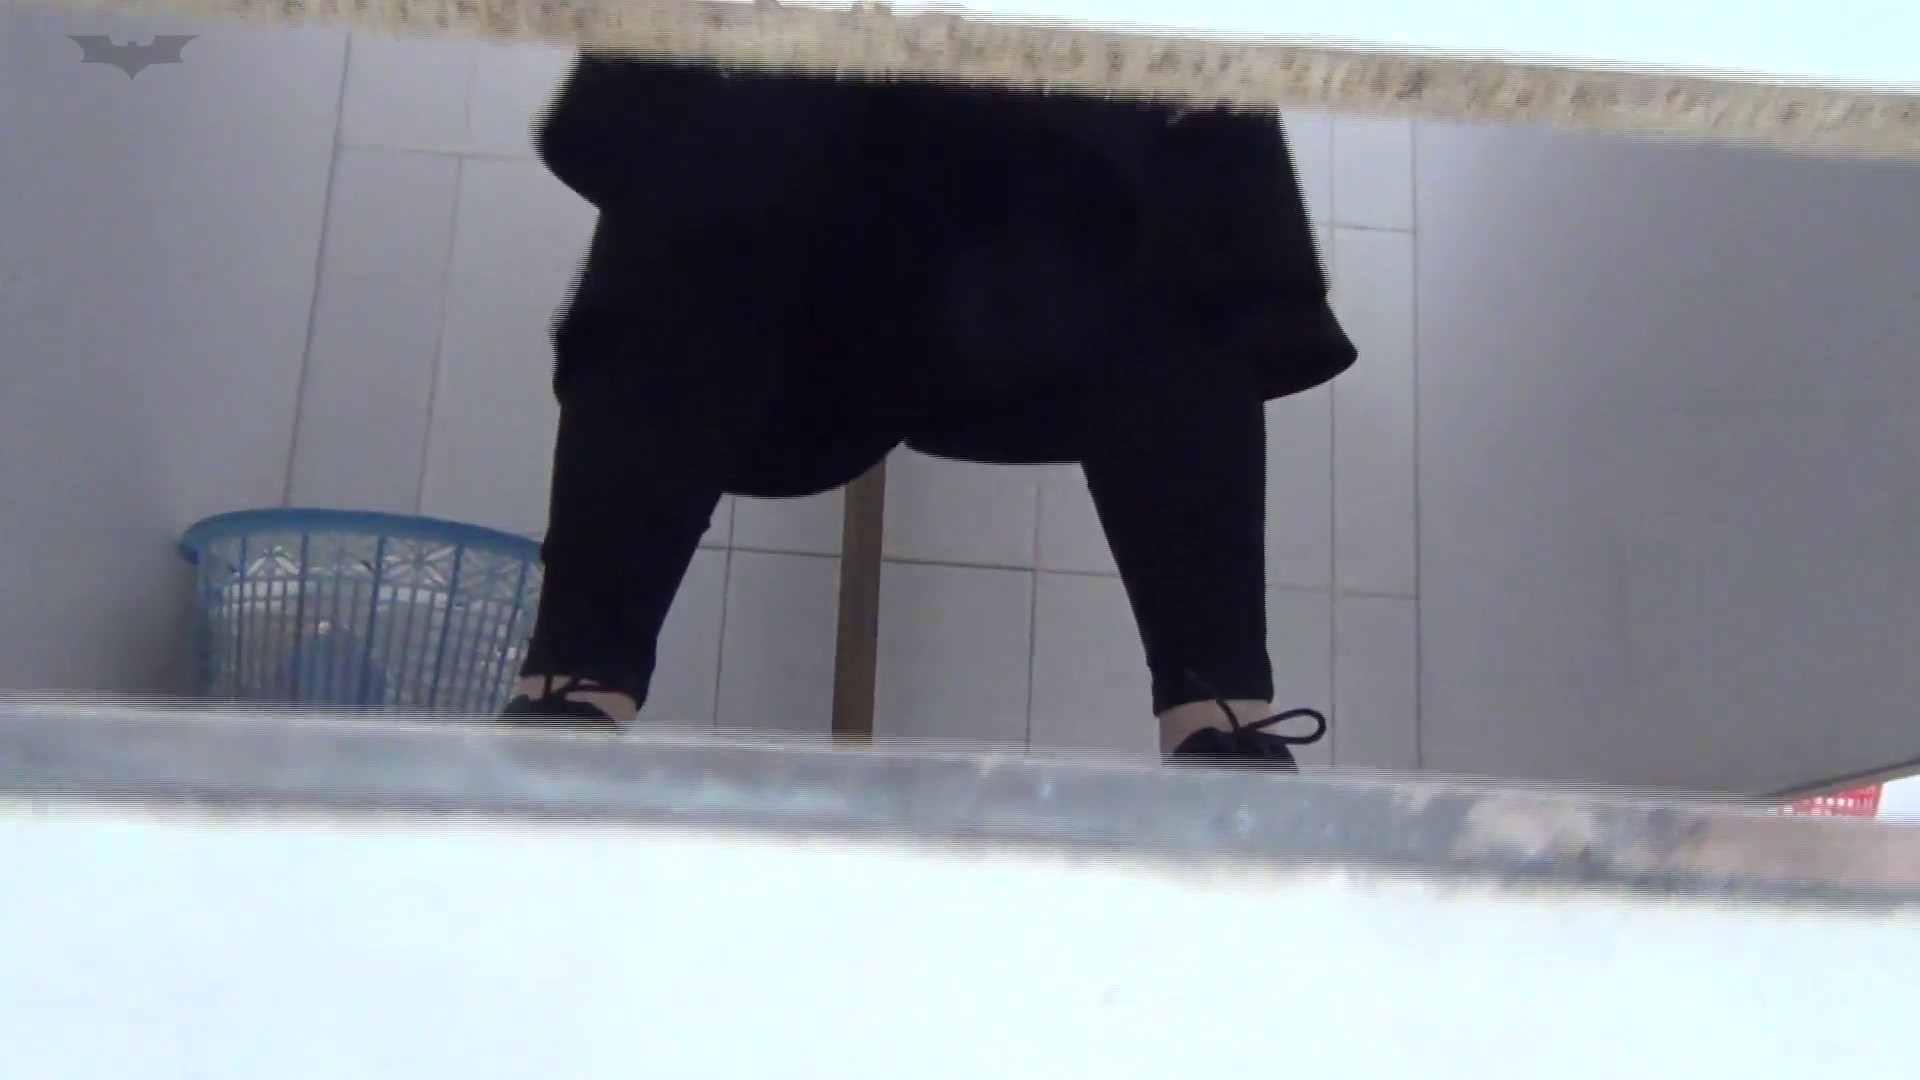 洗面所潜入盗撮録 Vol.01 盗撮映像大放出 オマンコ動画キャプチャ 81連発 2